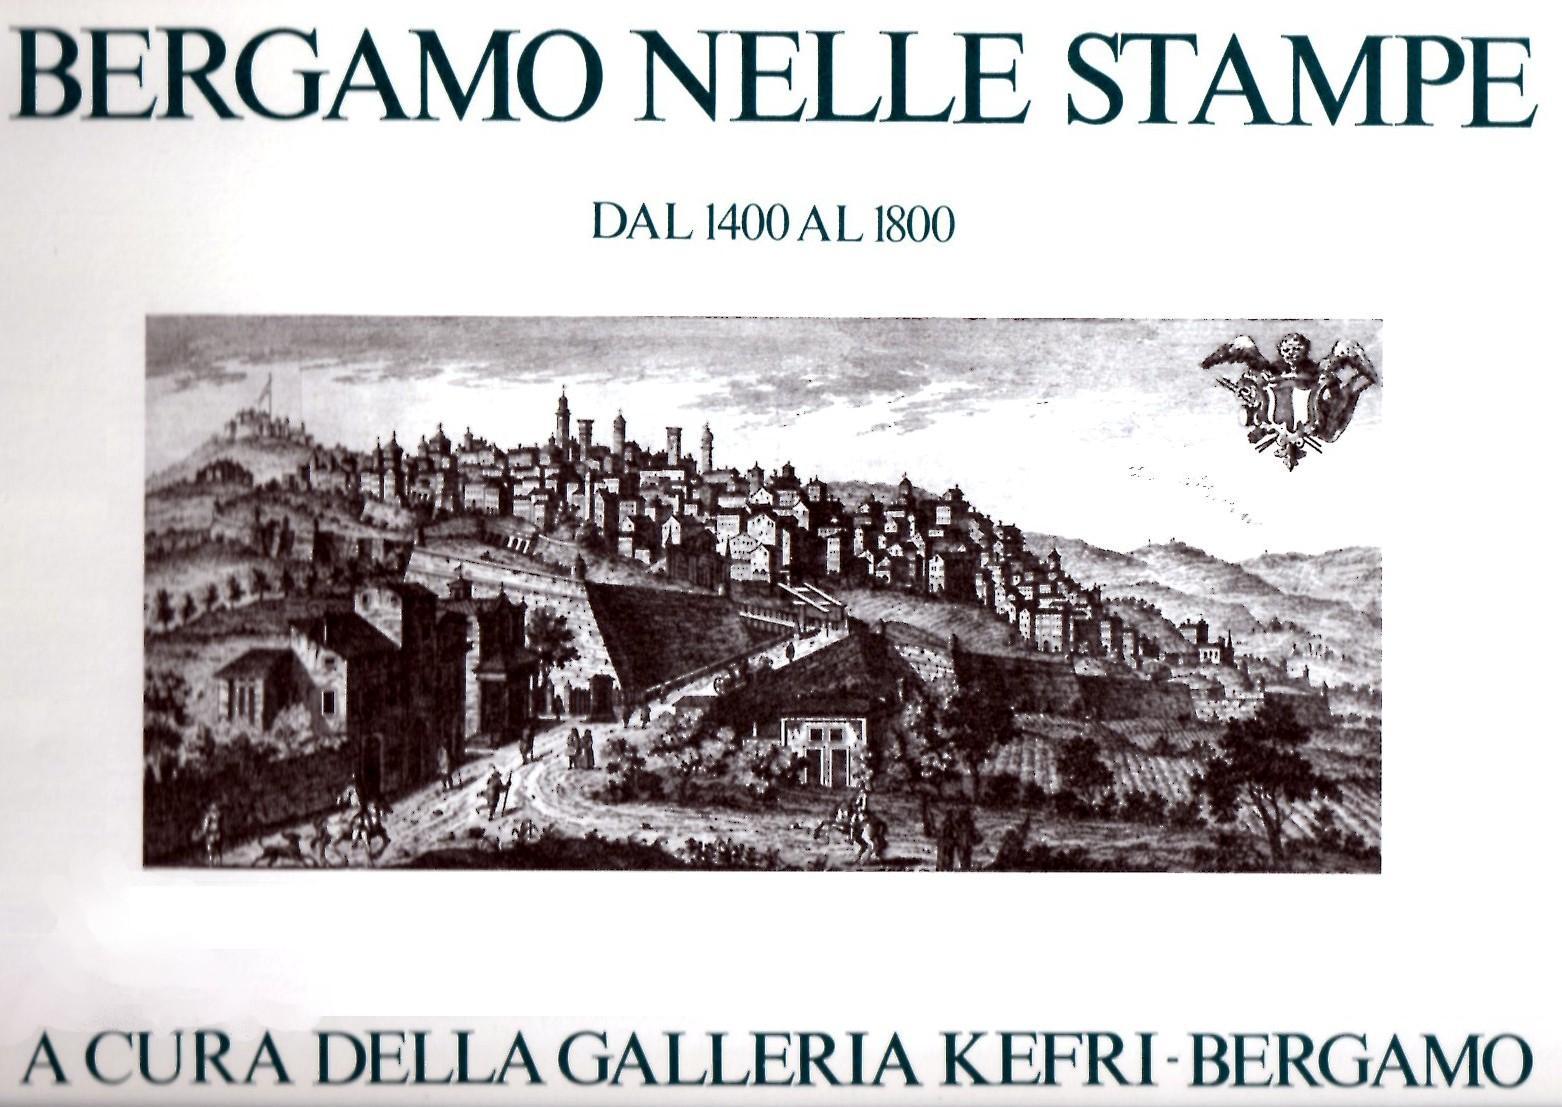 26 - Bergamo nelle stampe